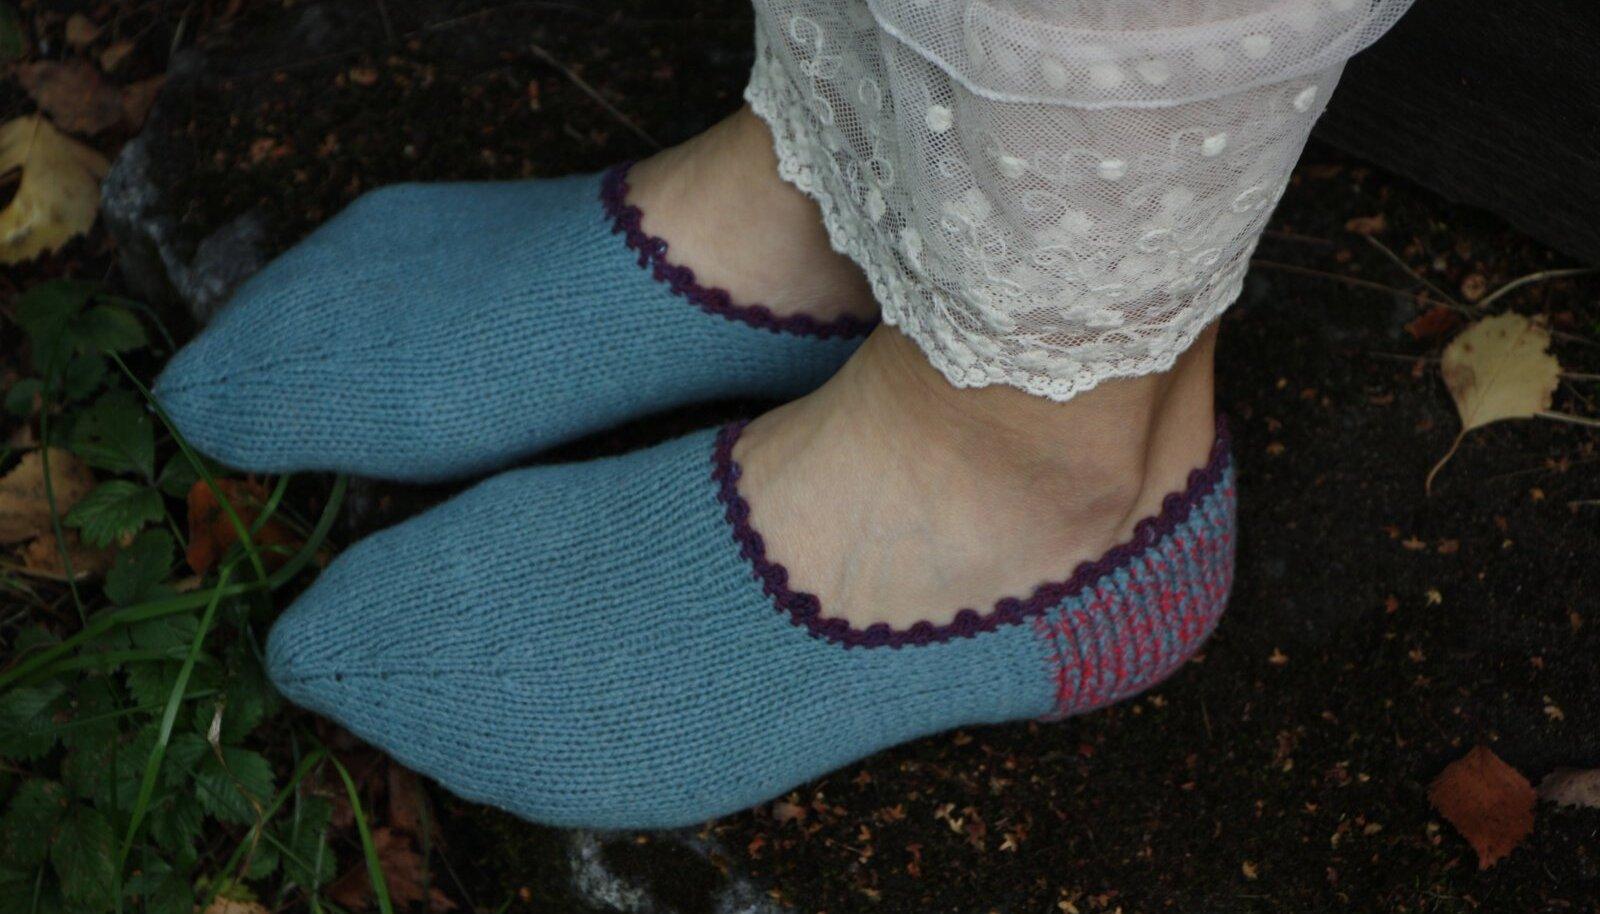 Mõnusad sügisesed soojendajad. Tallukate kudumises pole midagi keerulist – kes oskab sokke kududa, saab ka nendega hakkama.